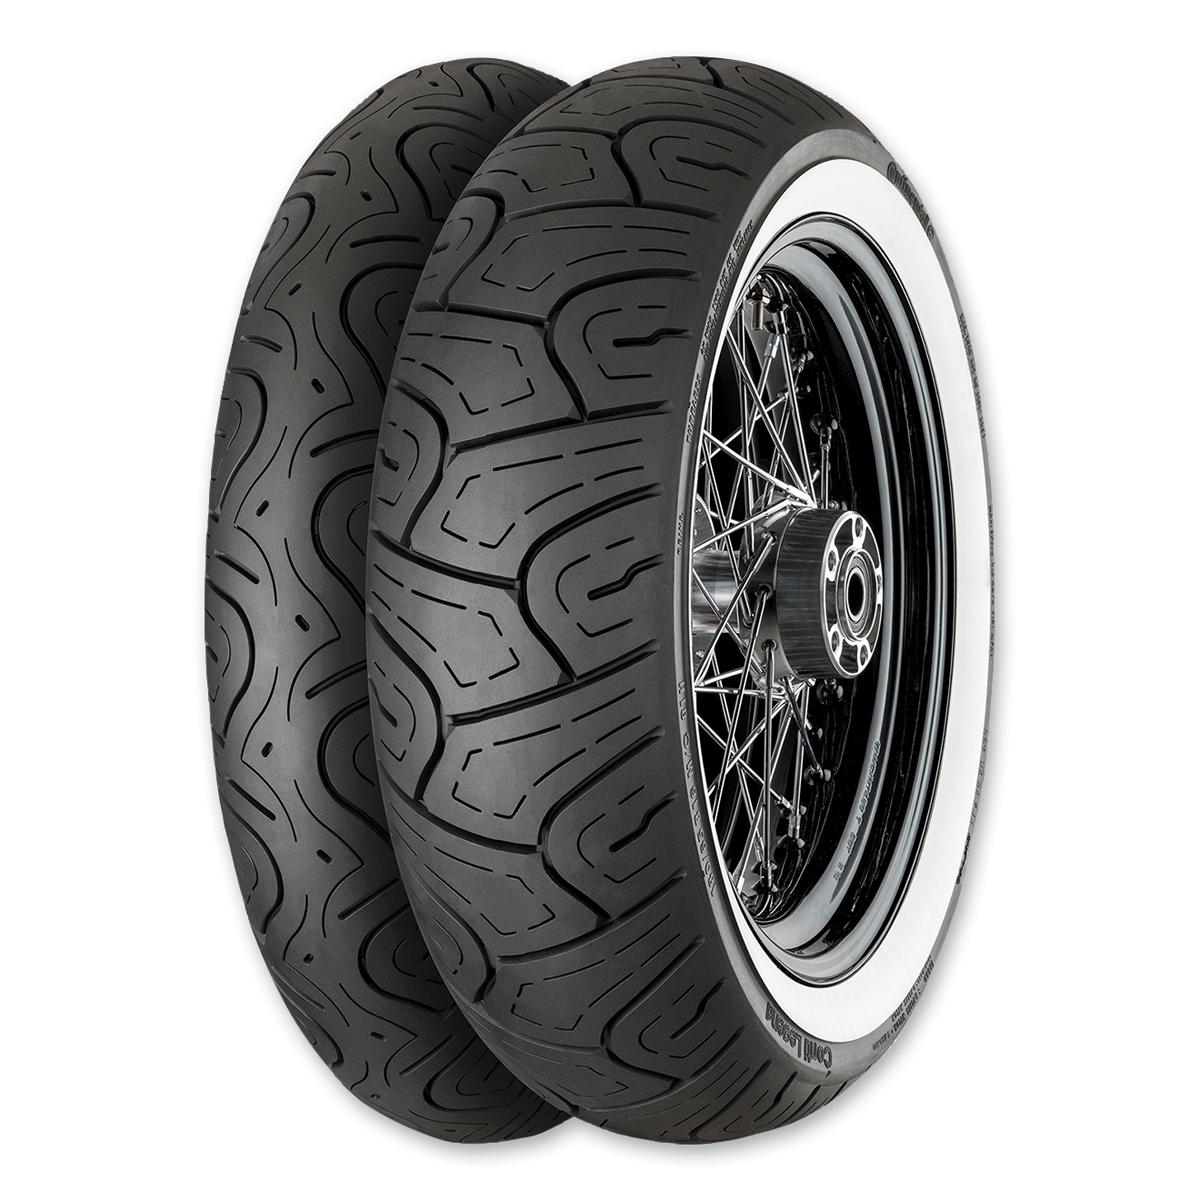 Continental Legend MU85B16 WWW Rear Tire